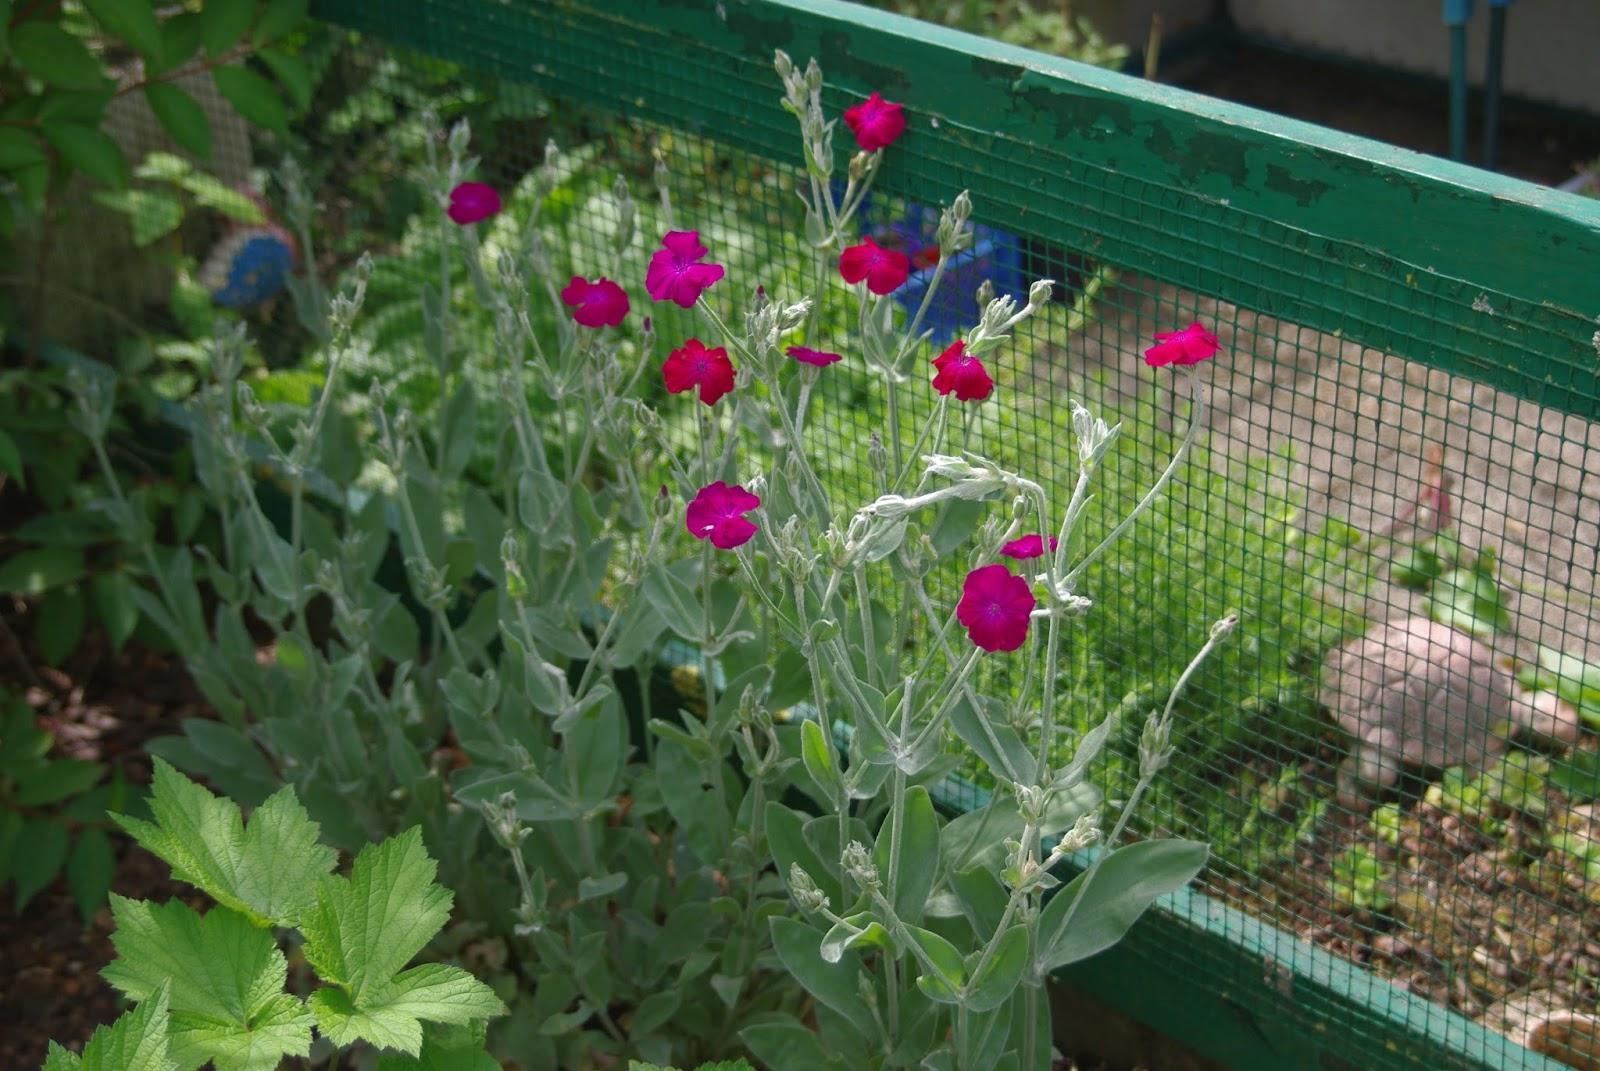 Promenade au jardin de lili dans le poitou coquelourde ou - Coquelourde des jardins lychnis coronaria ...